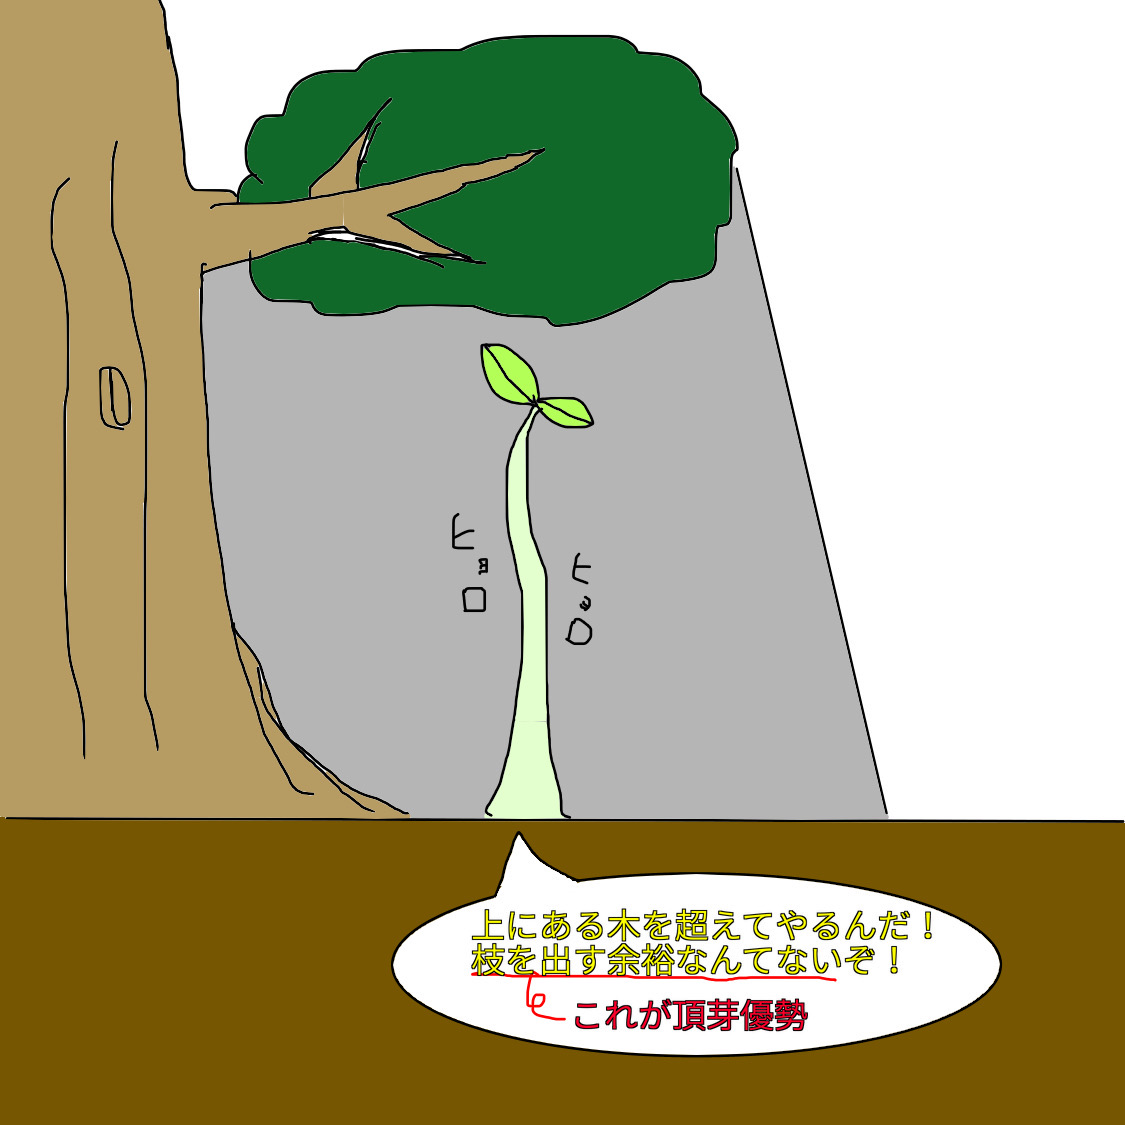 f:id:BambooBornY:20201201212920j:plain